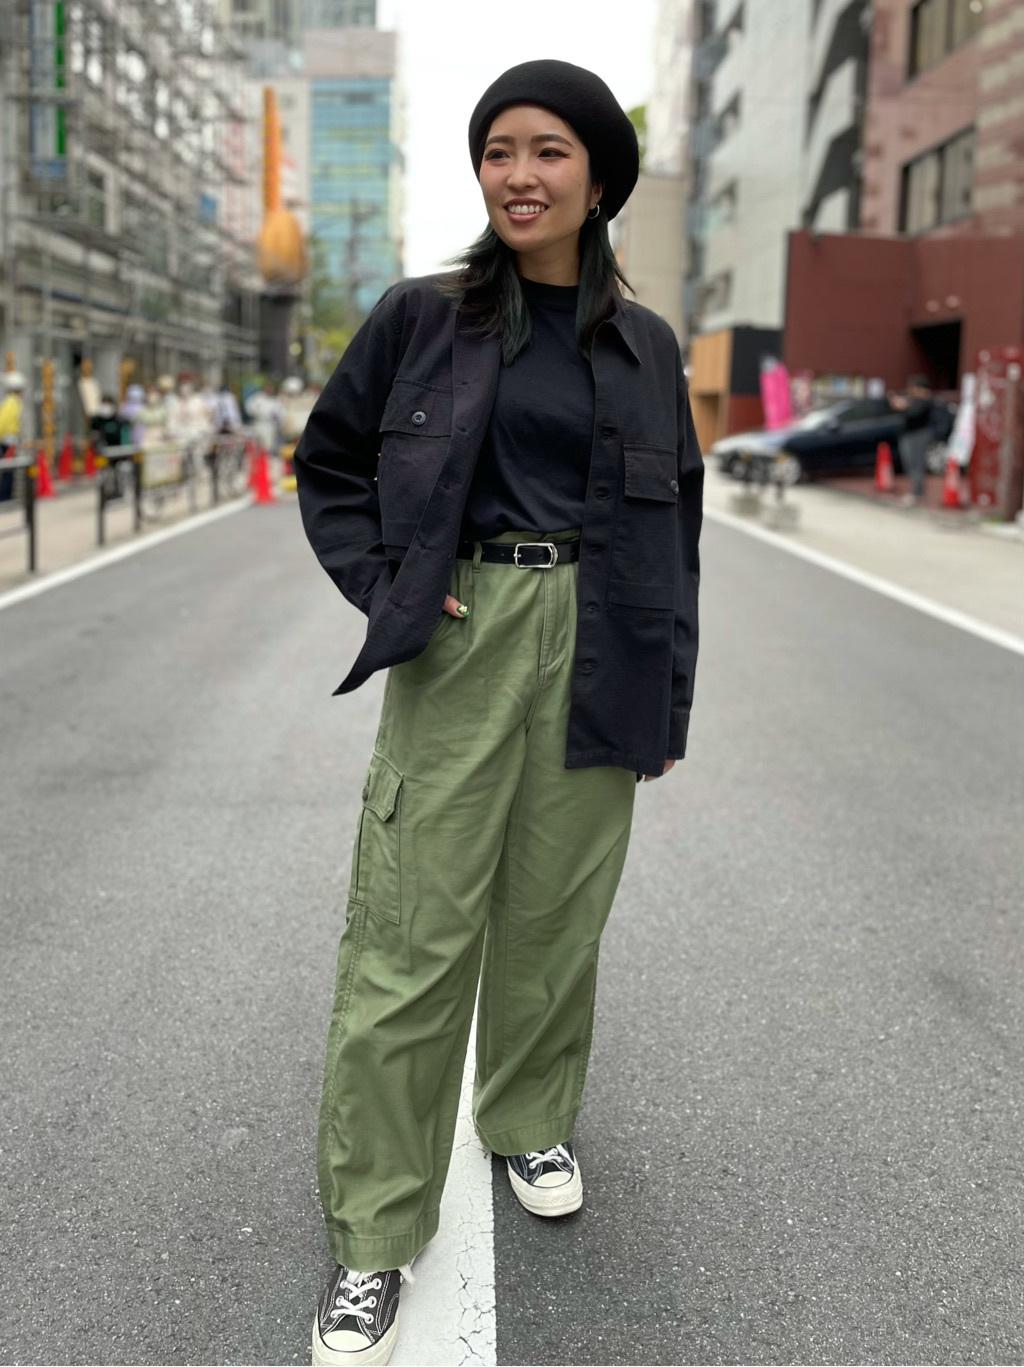 ALPHA SHOP渋谷店のmoe さんのALPHAのミリタリーオーバーシャツを使ったコーディネート